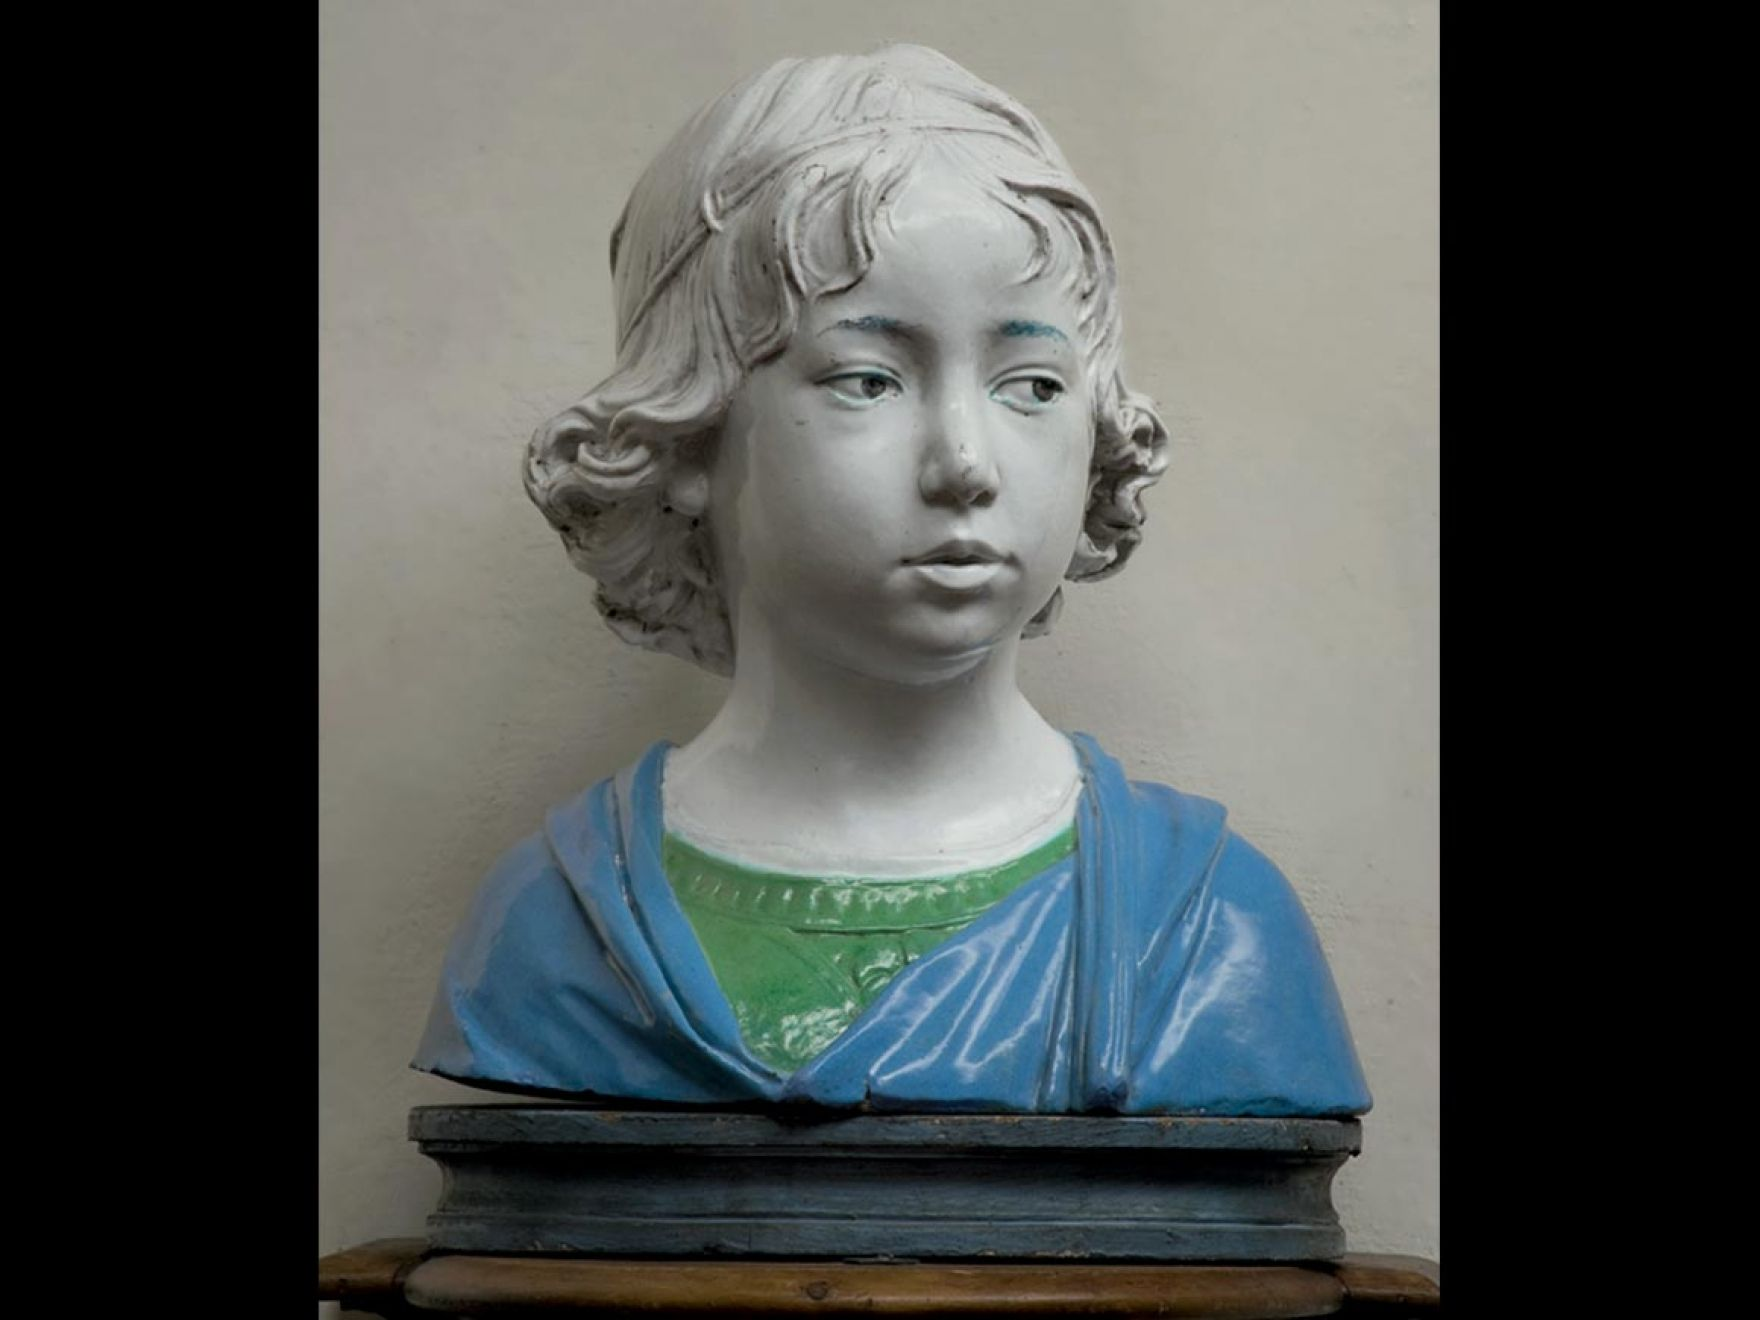 ANDREA DELLA ROBBIA, BUST OF A BOY, ABOUT 1475 Glazed terracotta. Museo Nazionale del Bargello, Florence. Courtesy of the Ministero dei beni e della attività culturali e del turismo. Photograph: Antonio Quattrone.